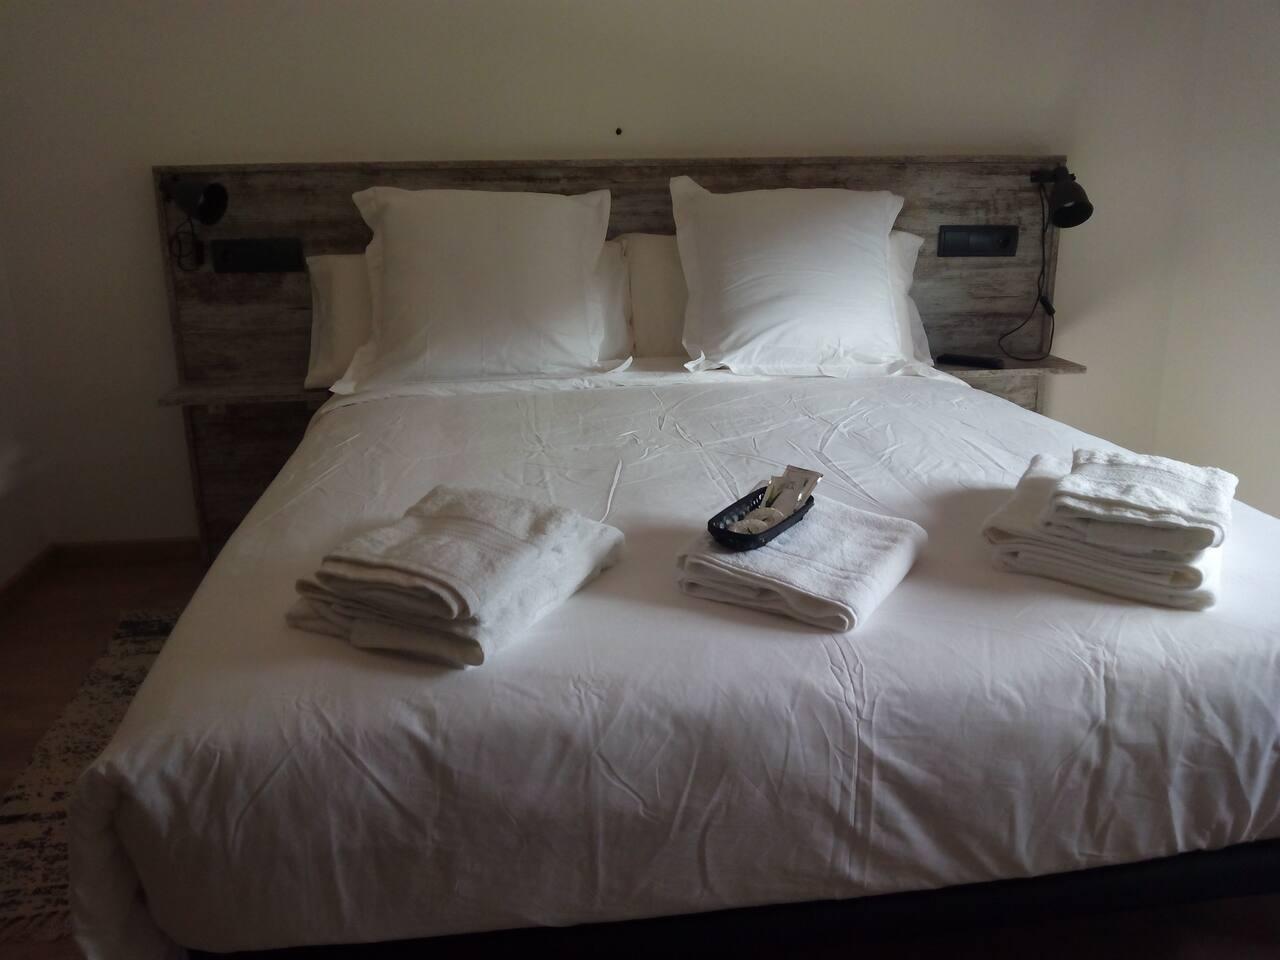 Habitaciones recién reformadas, listas para dar el máximo confort